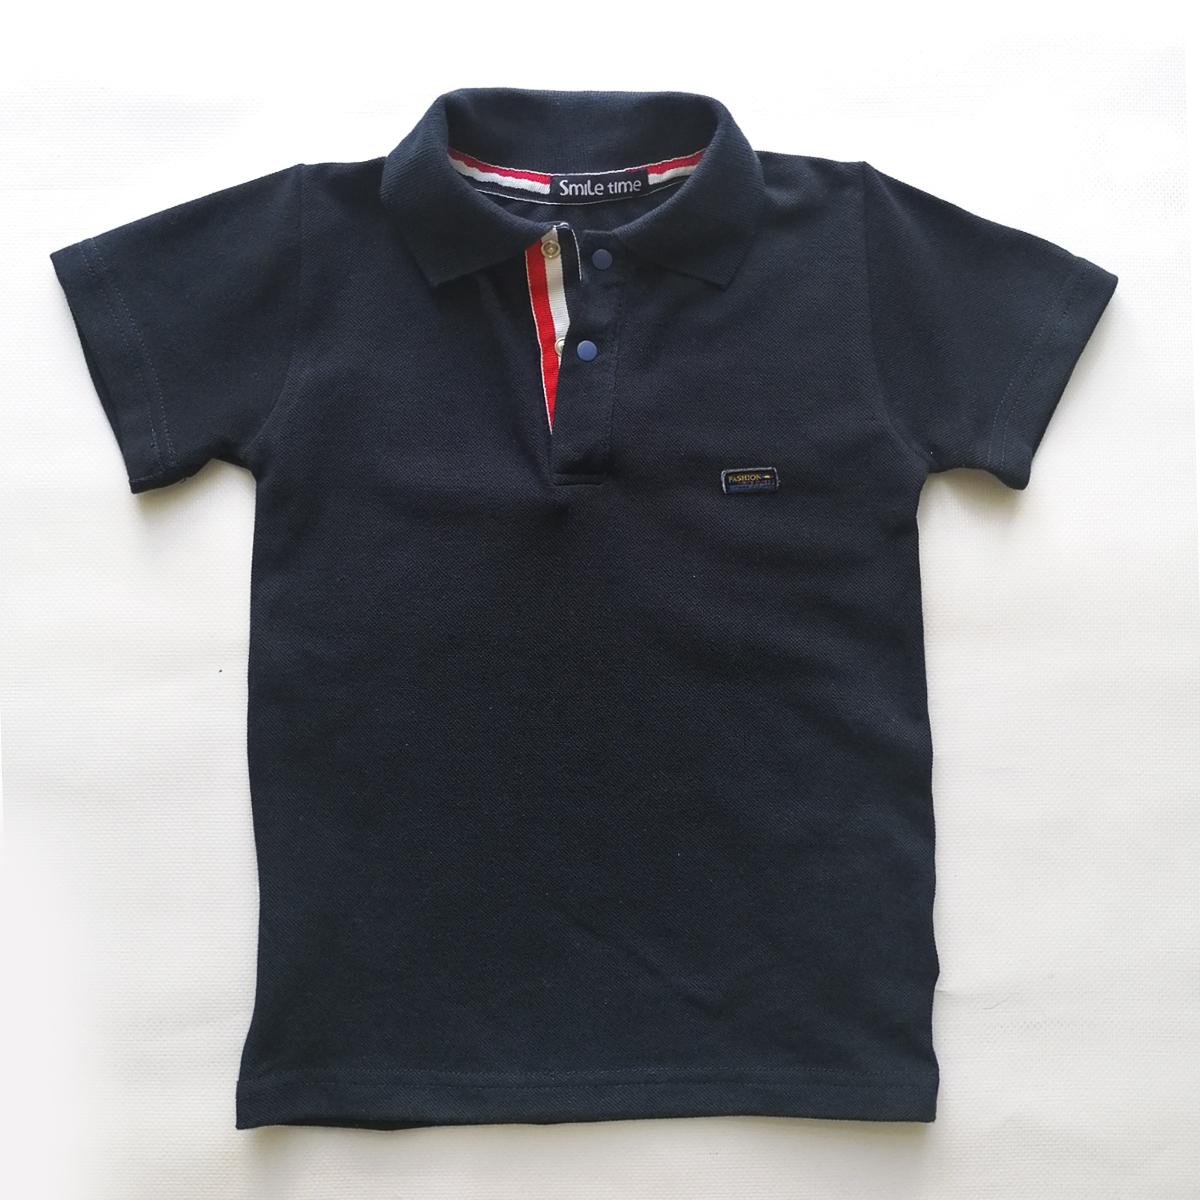 Тенниска поло с коротким рукавом для мальчика SmileTme Fashion, темно-синяя